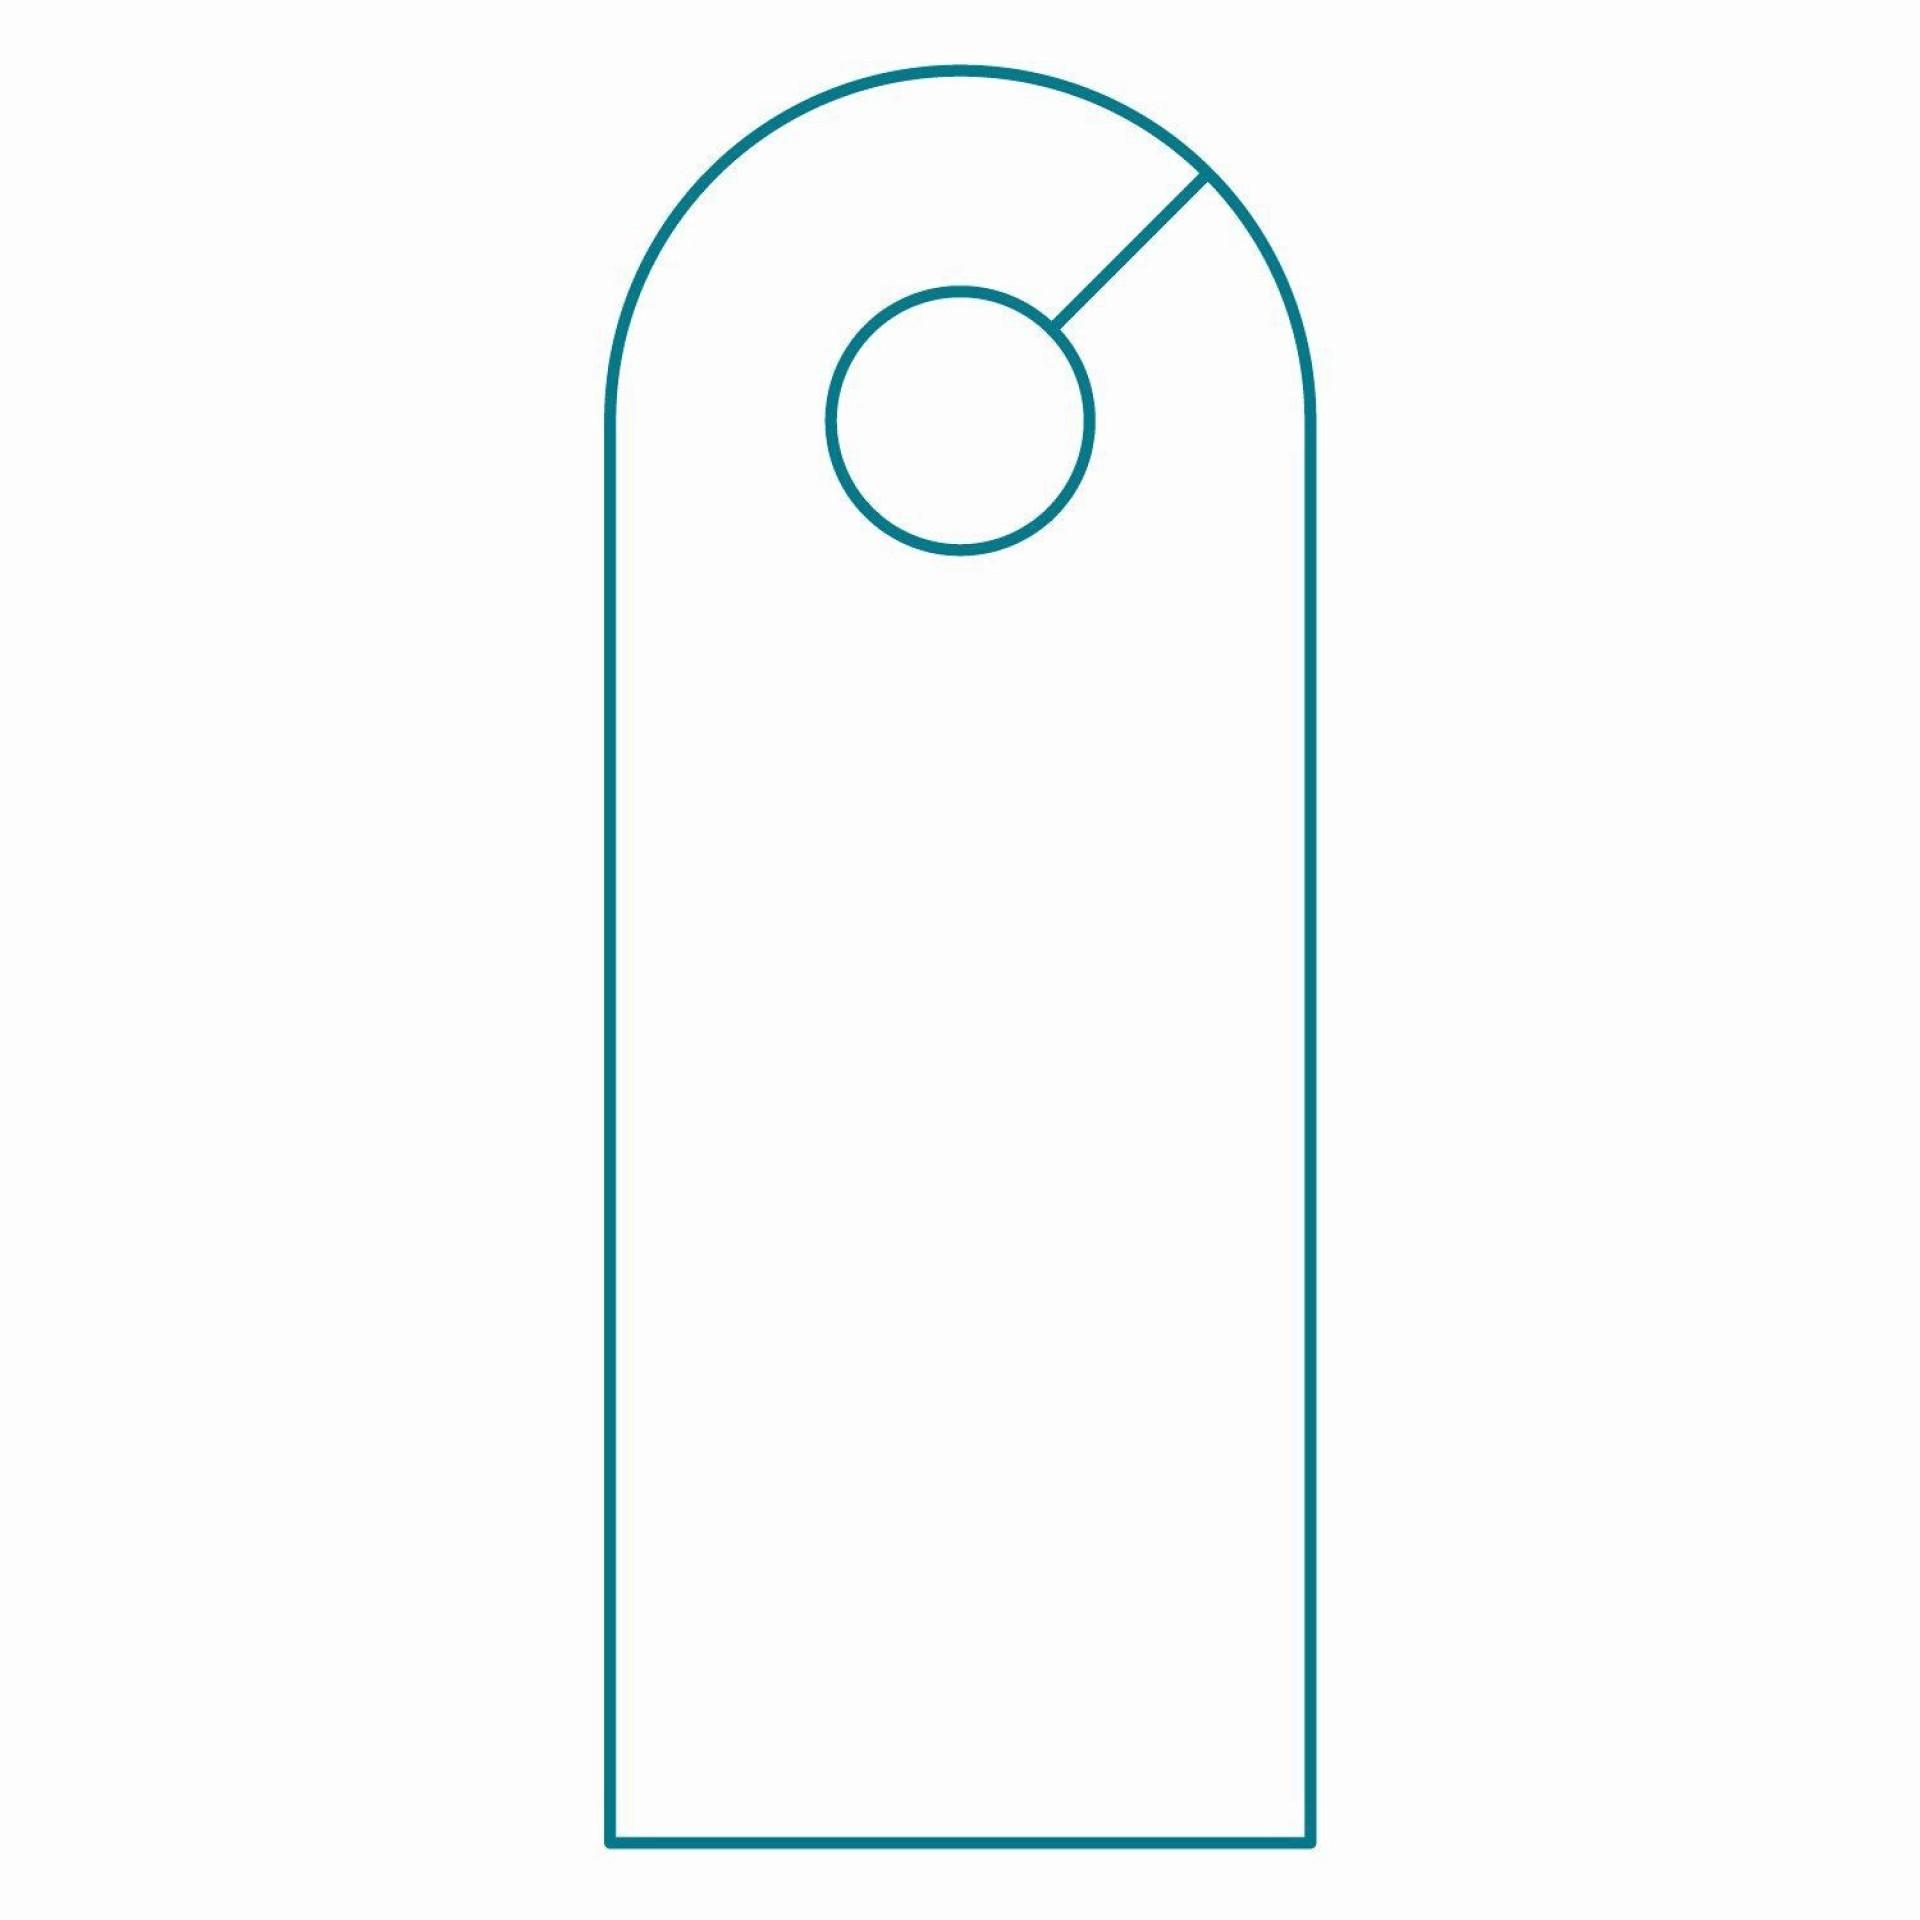 003 Top Free Template For Door Hanger Word Highest Clarity  Wedding1920